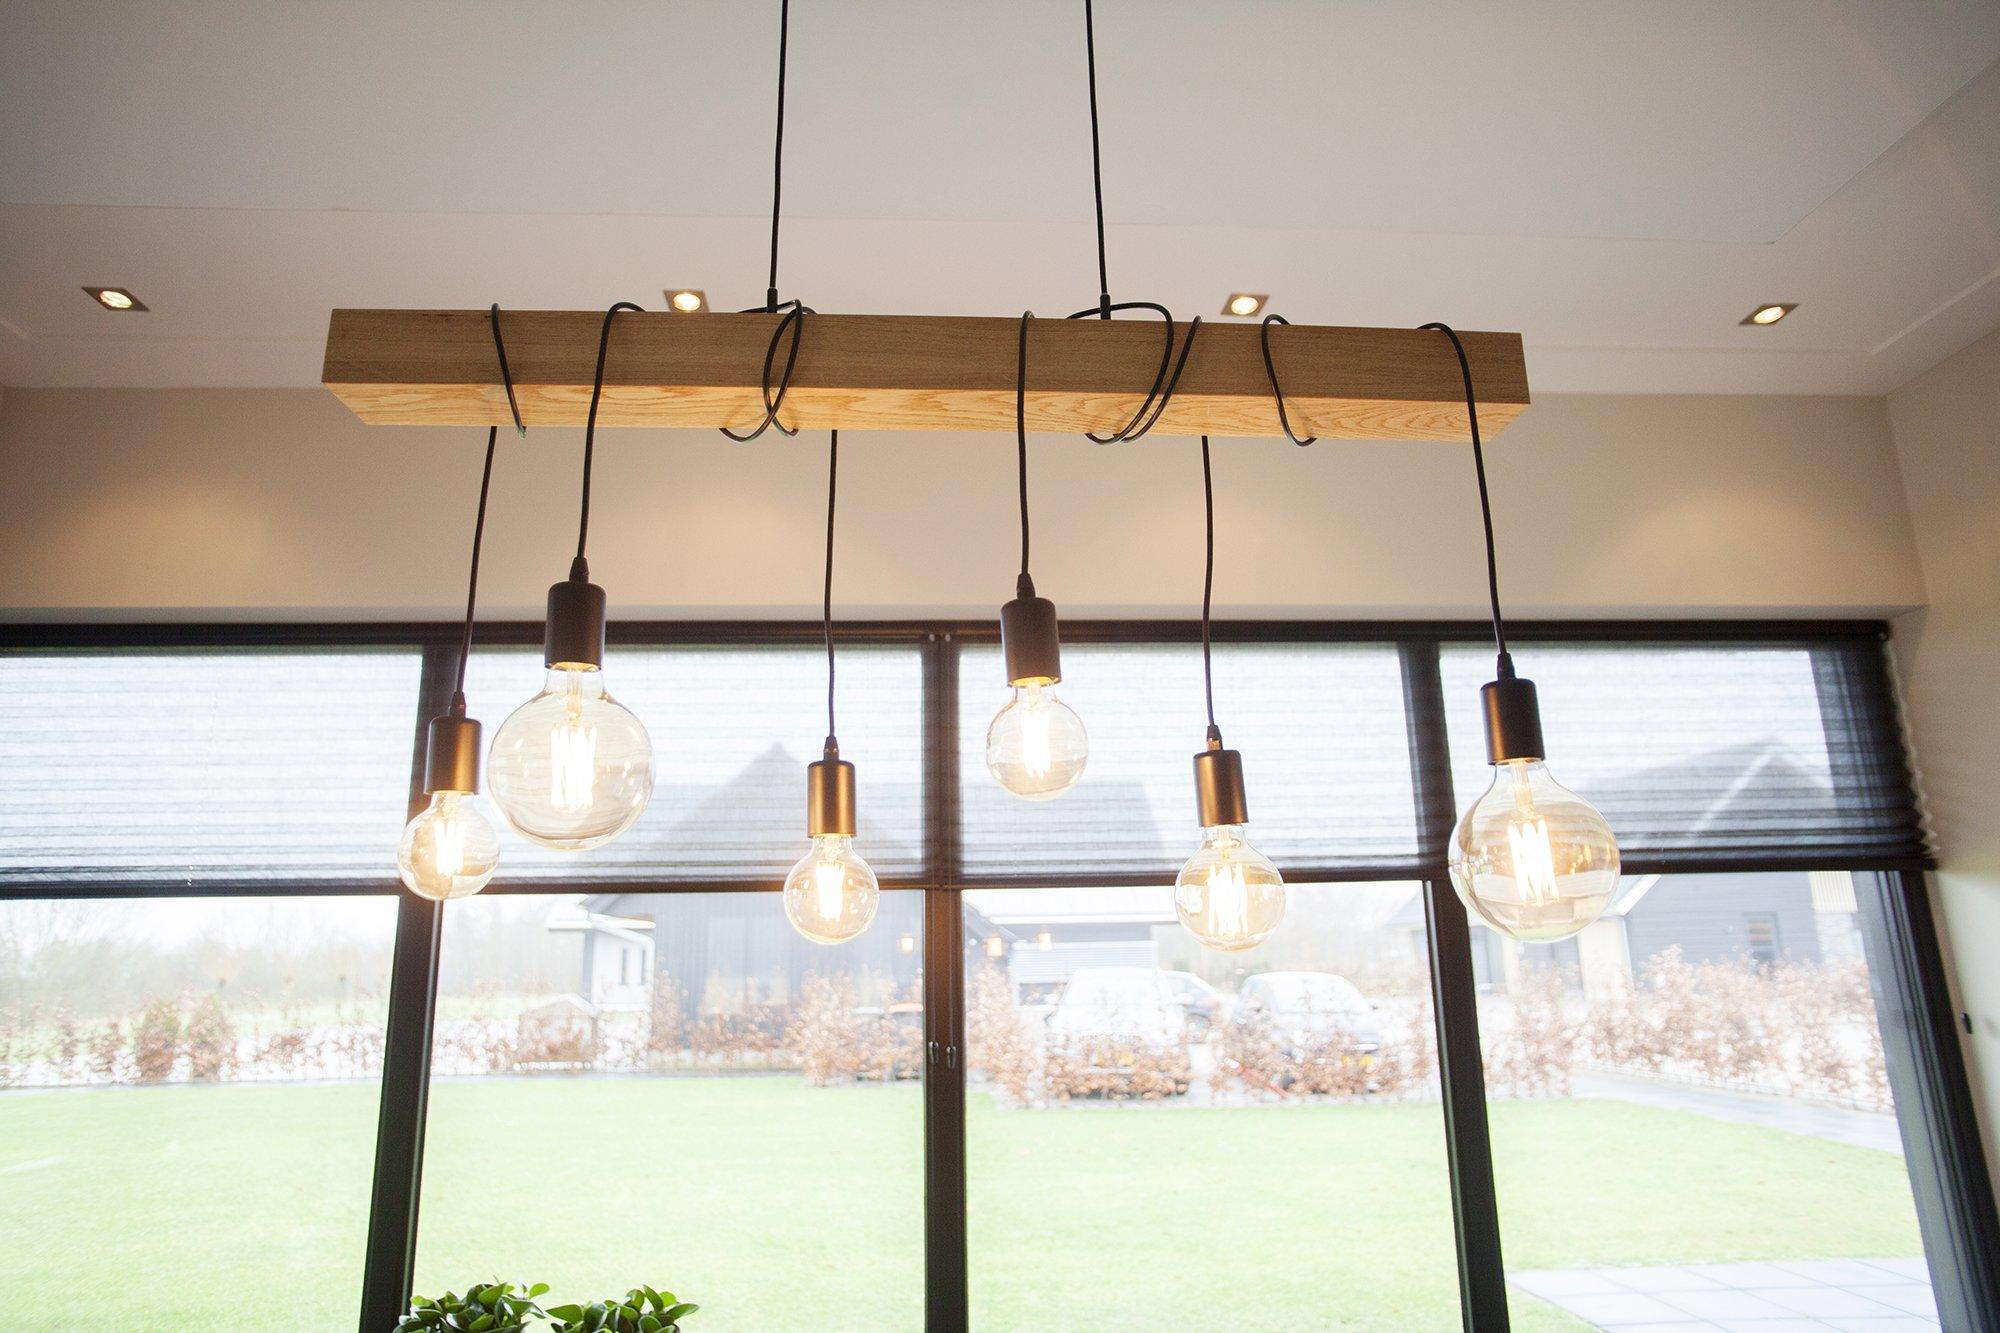 geluidsabsorberend plafondpaneel in keuken panelprint